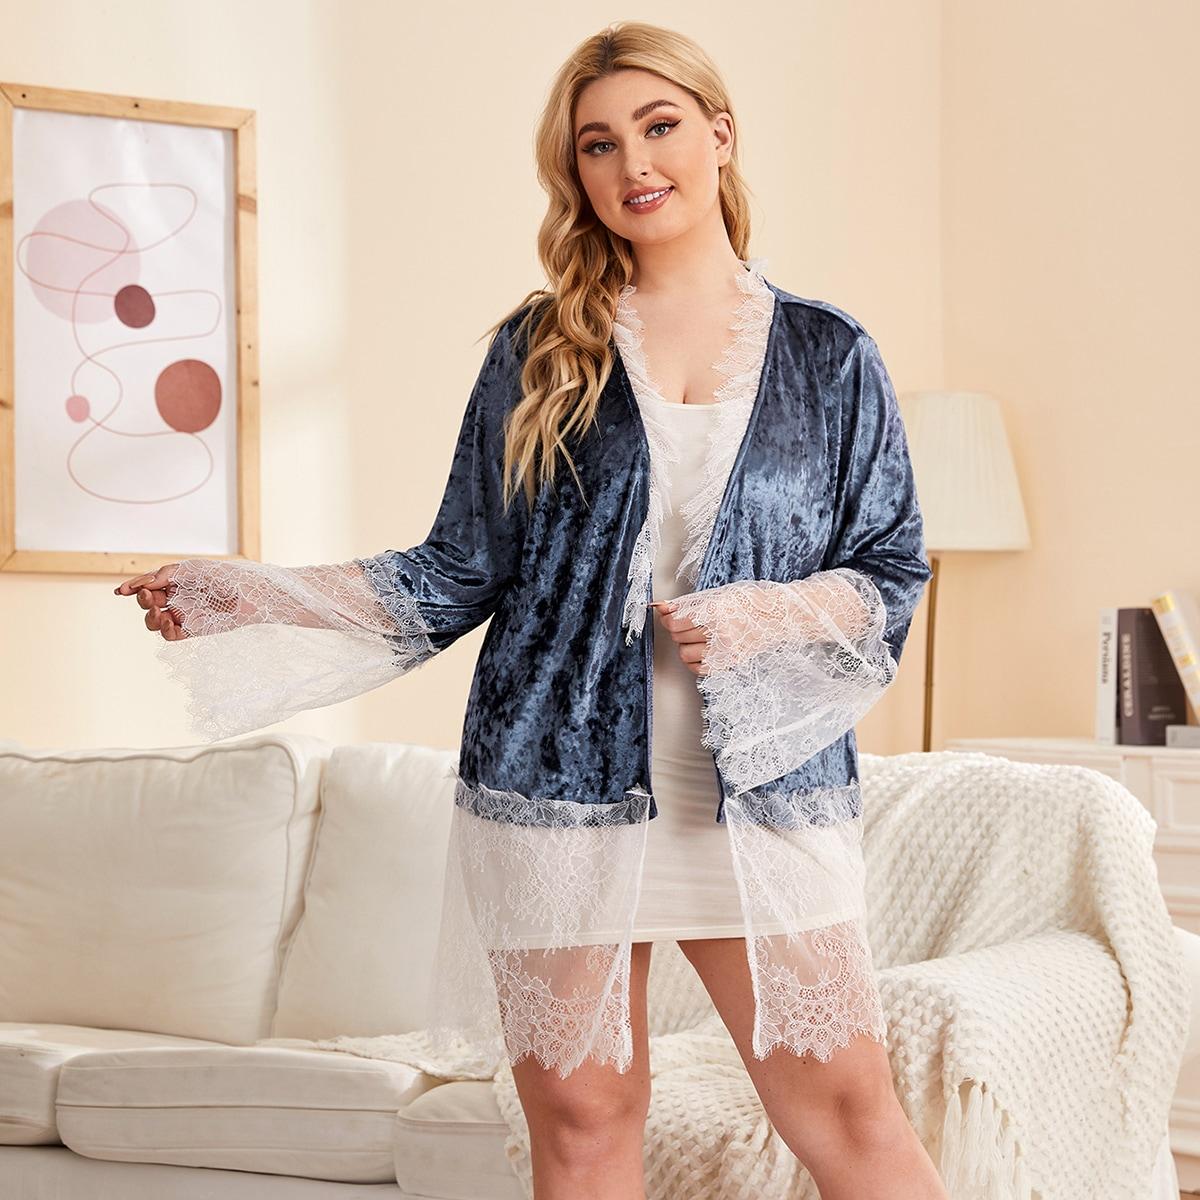 Бархатный халат для сна размера плюс с кружевной отделкой